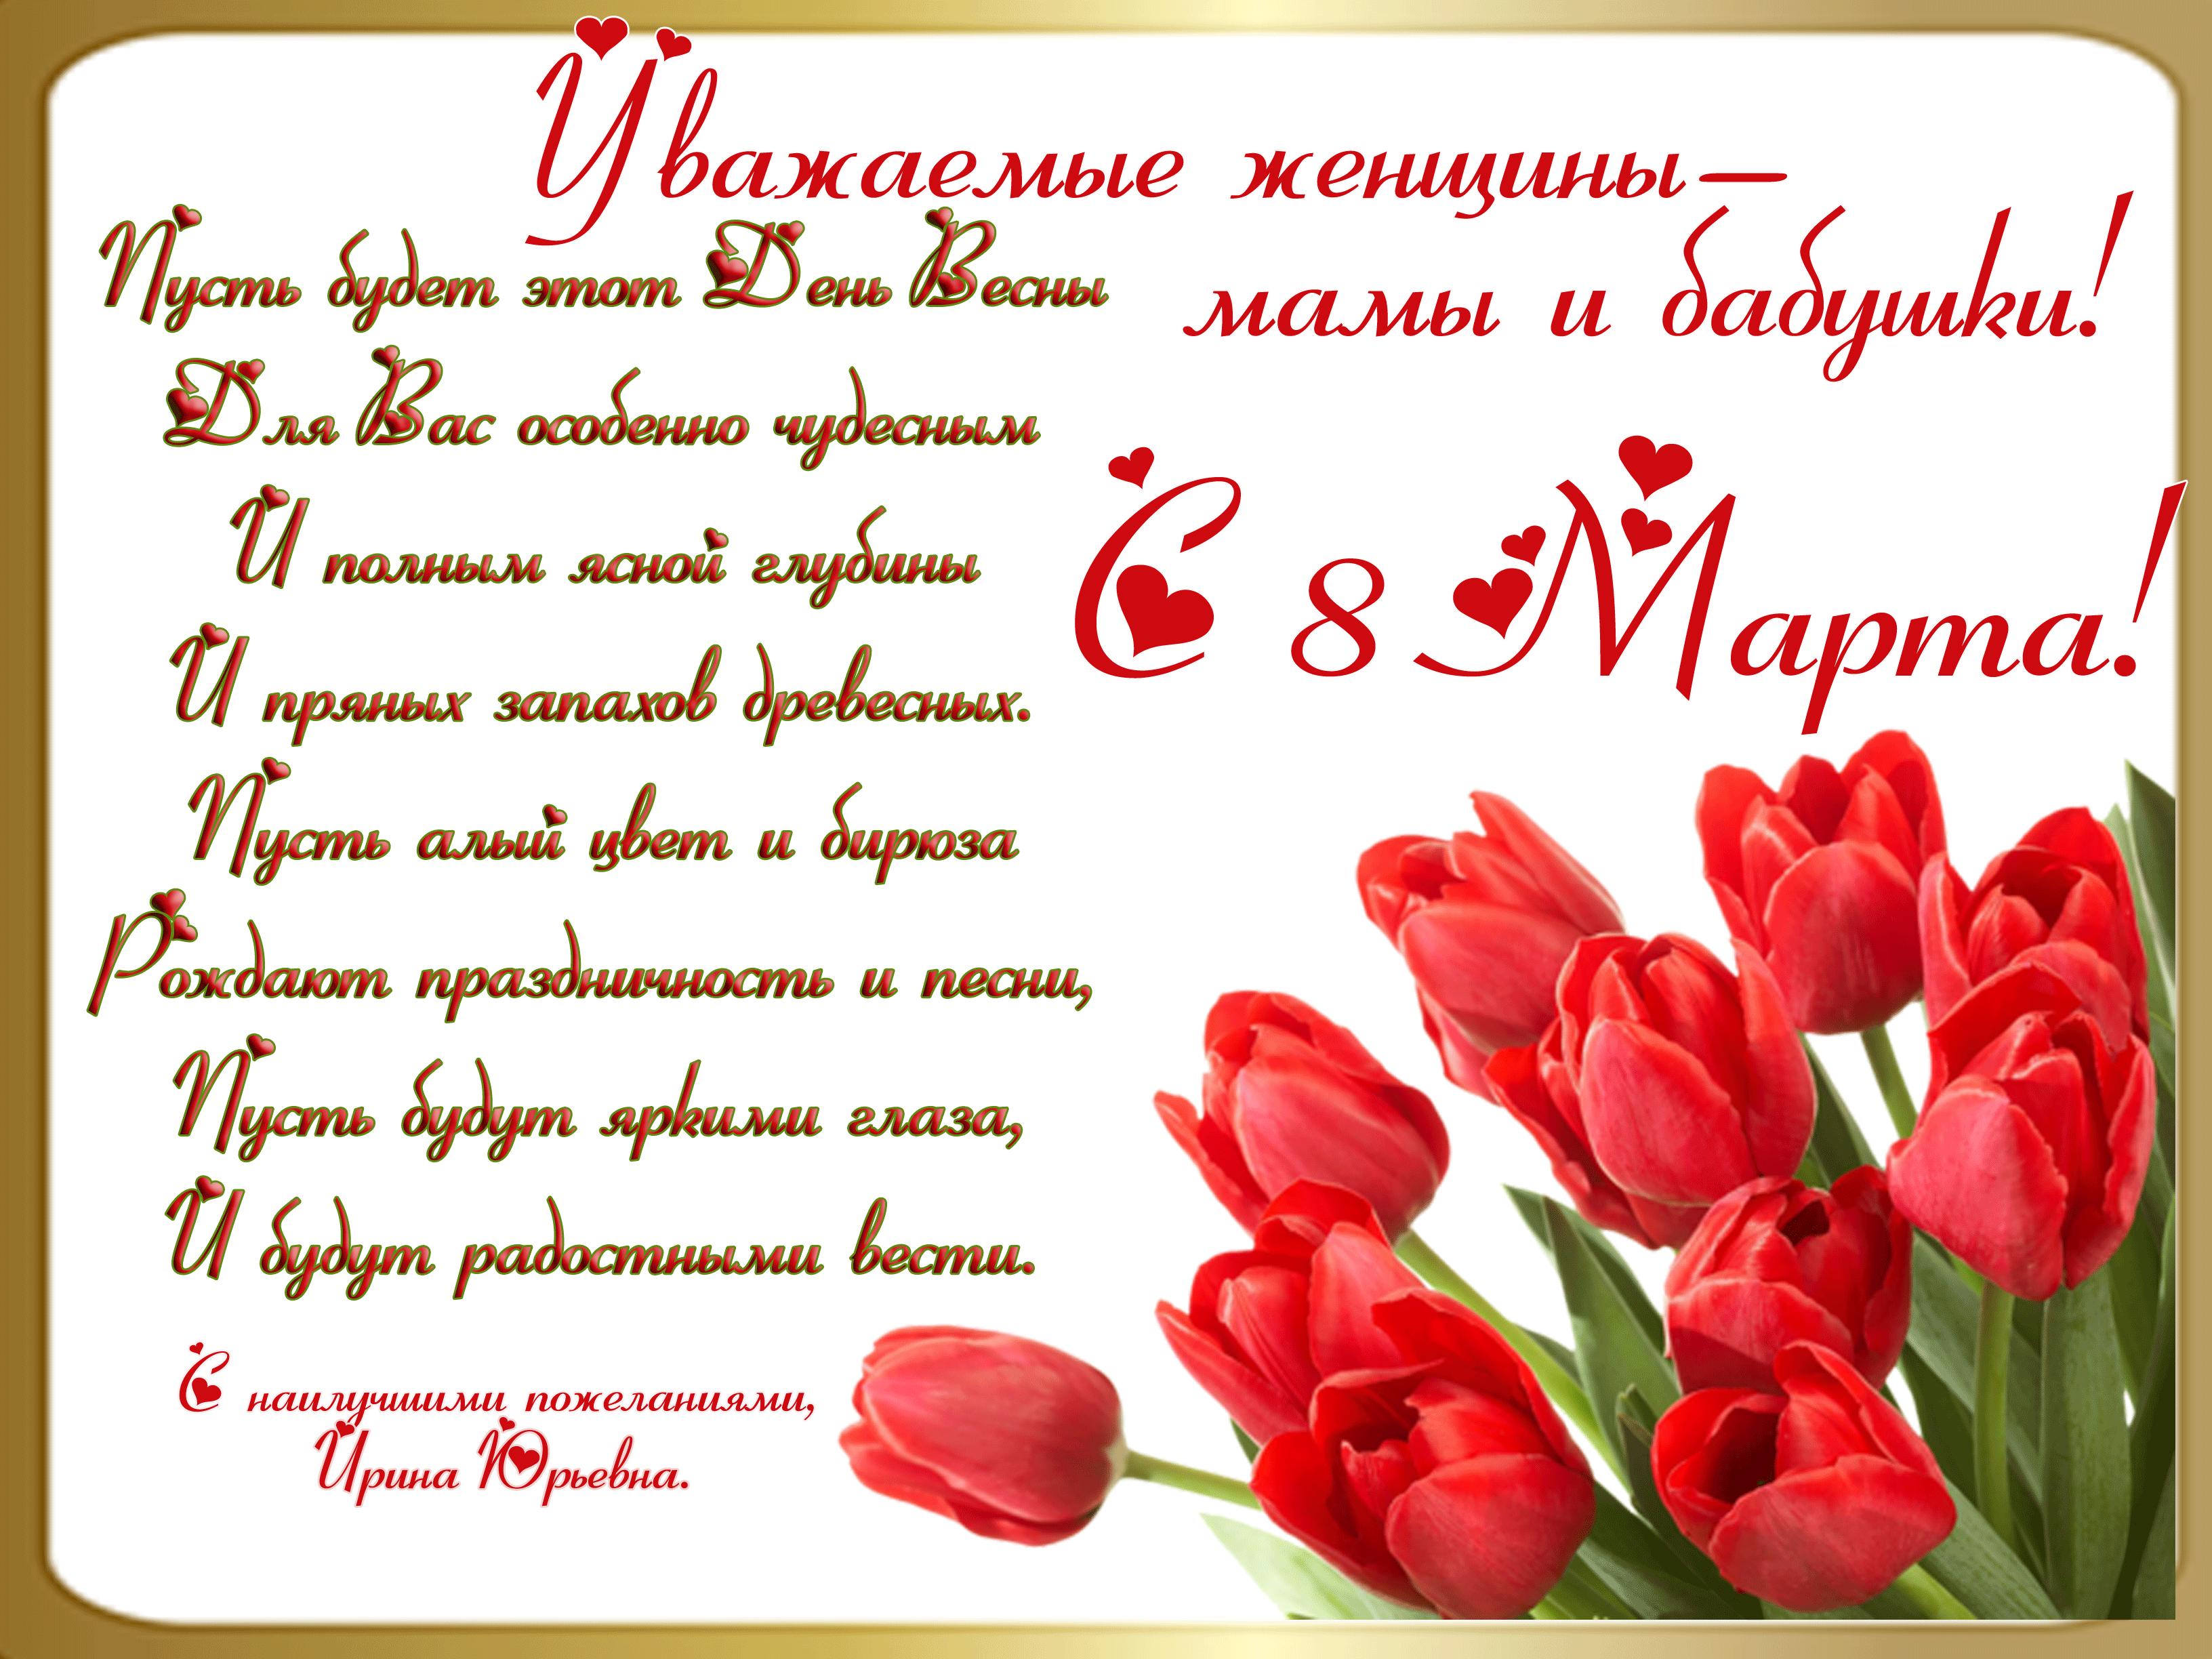 Недели, открытки для мам и бабушек на 8 марта